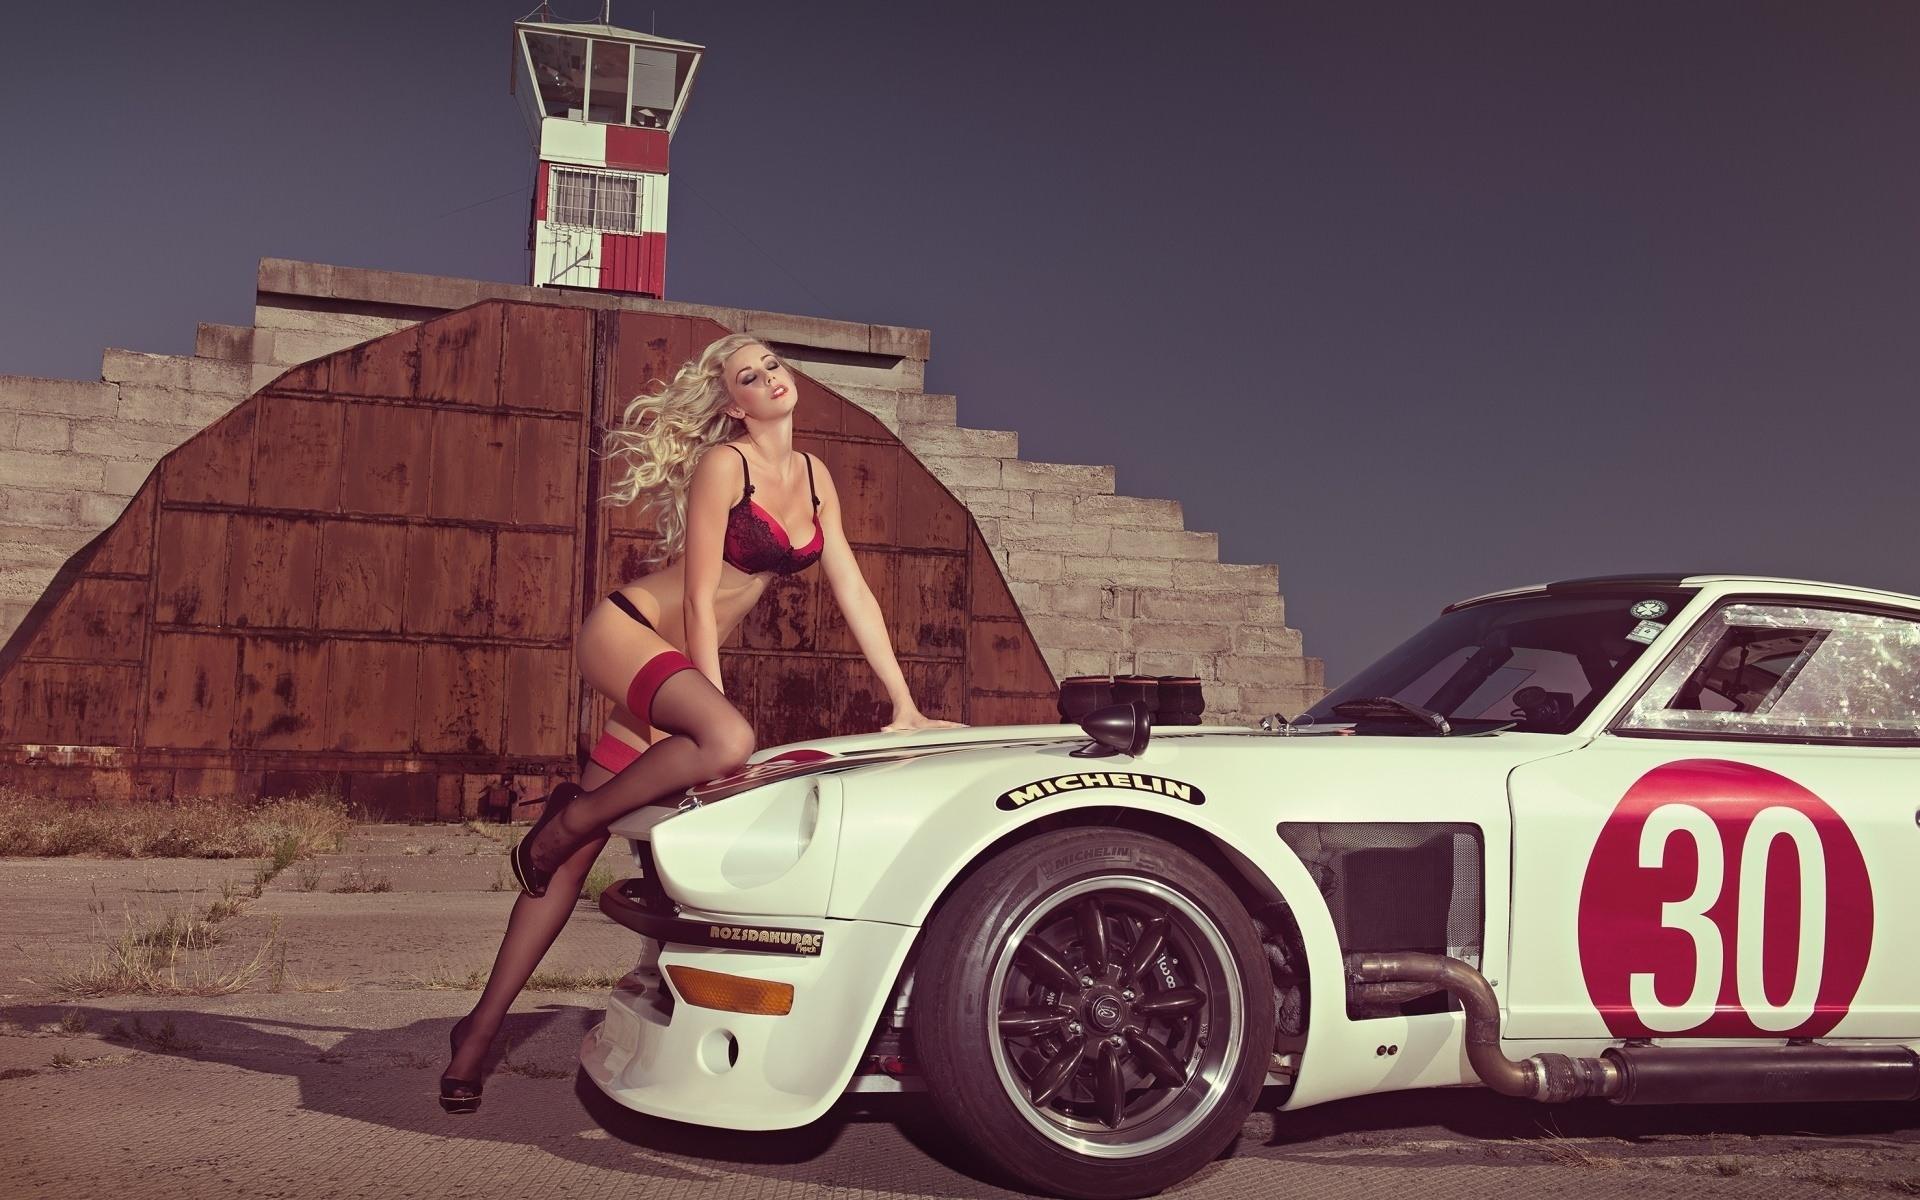 Фото Сексапильная блондинка закинула ножку на капот старого спорт кара, девушка в красном нижнем белье и чулочках, 30, скачать картинку бесплатно